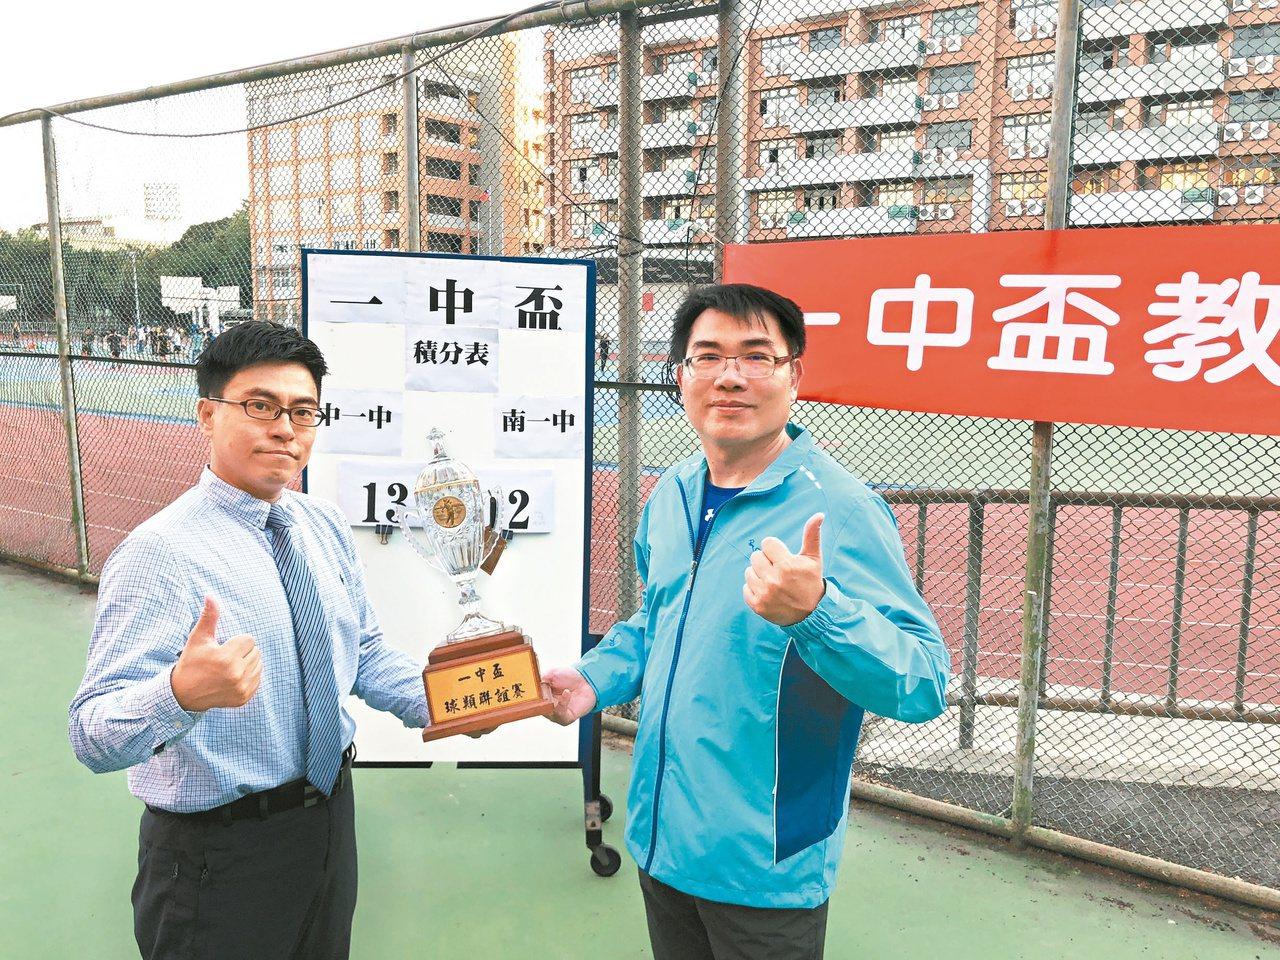 台中一中、台南一中昨兩校教職員老師舉辦首屆「爭一中」球賽聯誼,中一中以13:12...